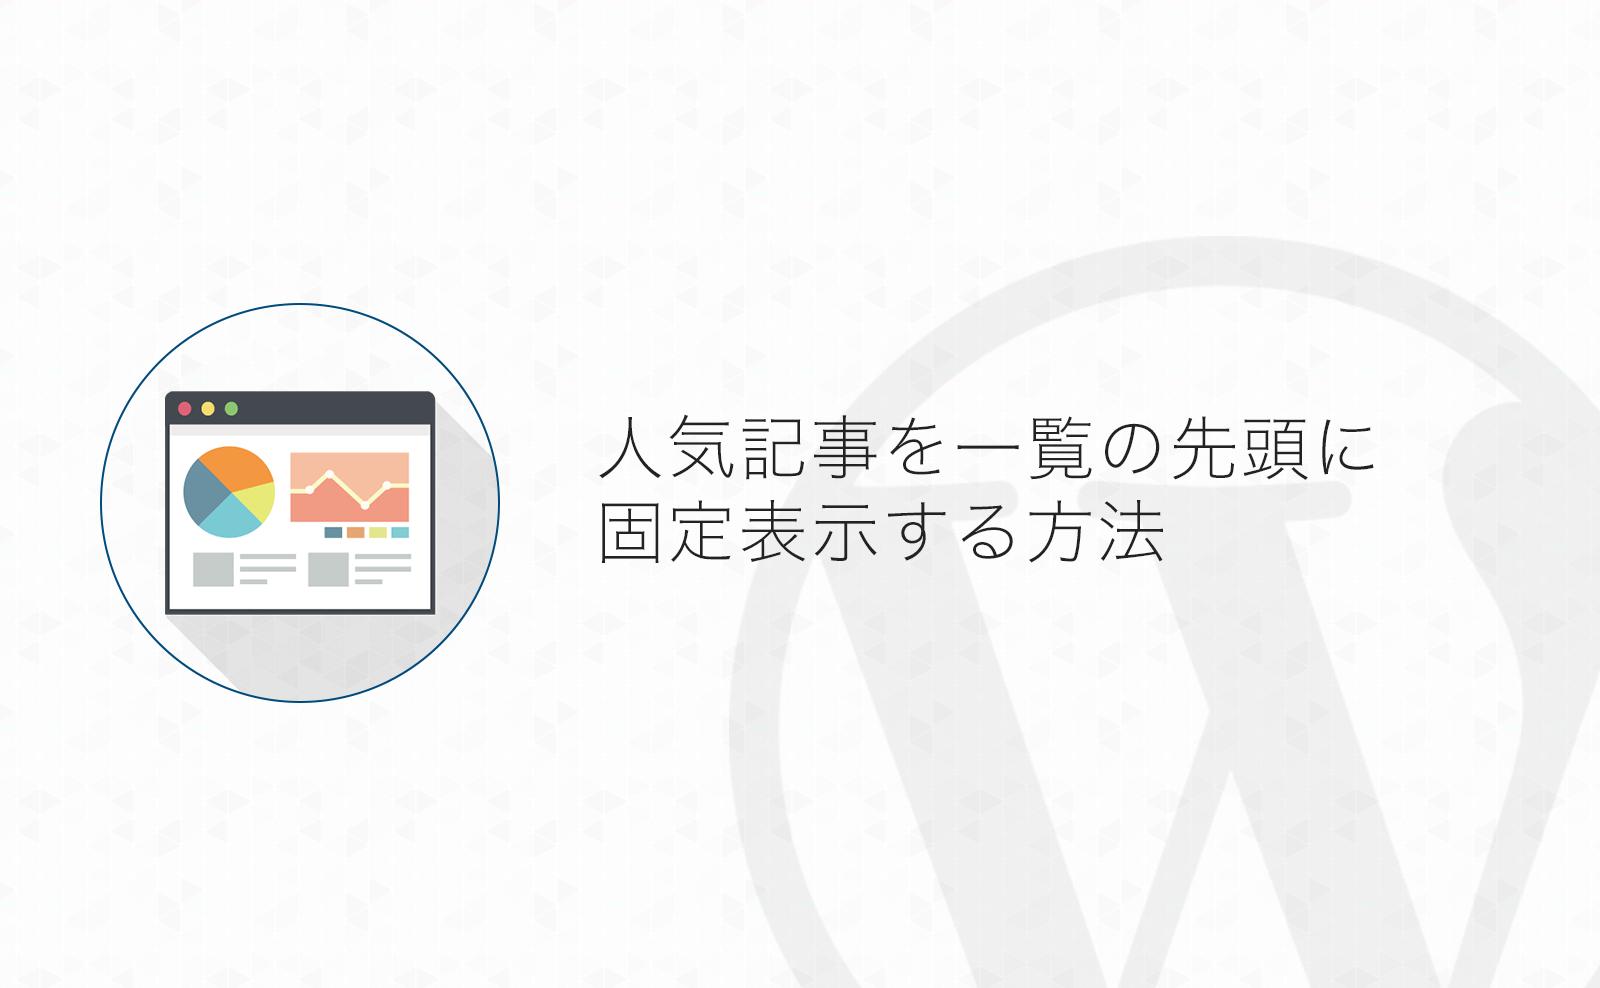 【WordPress】意外と知らない?人気記事をプラグイン無しで常にTOPページに表示する方法